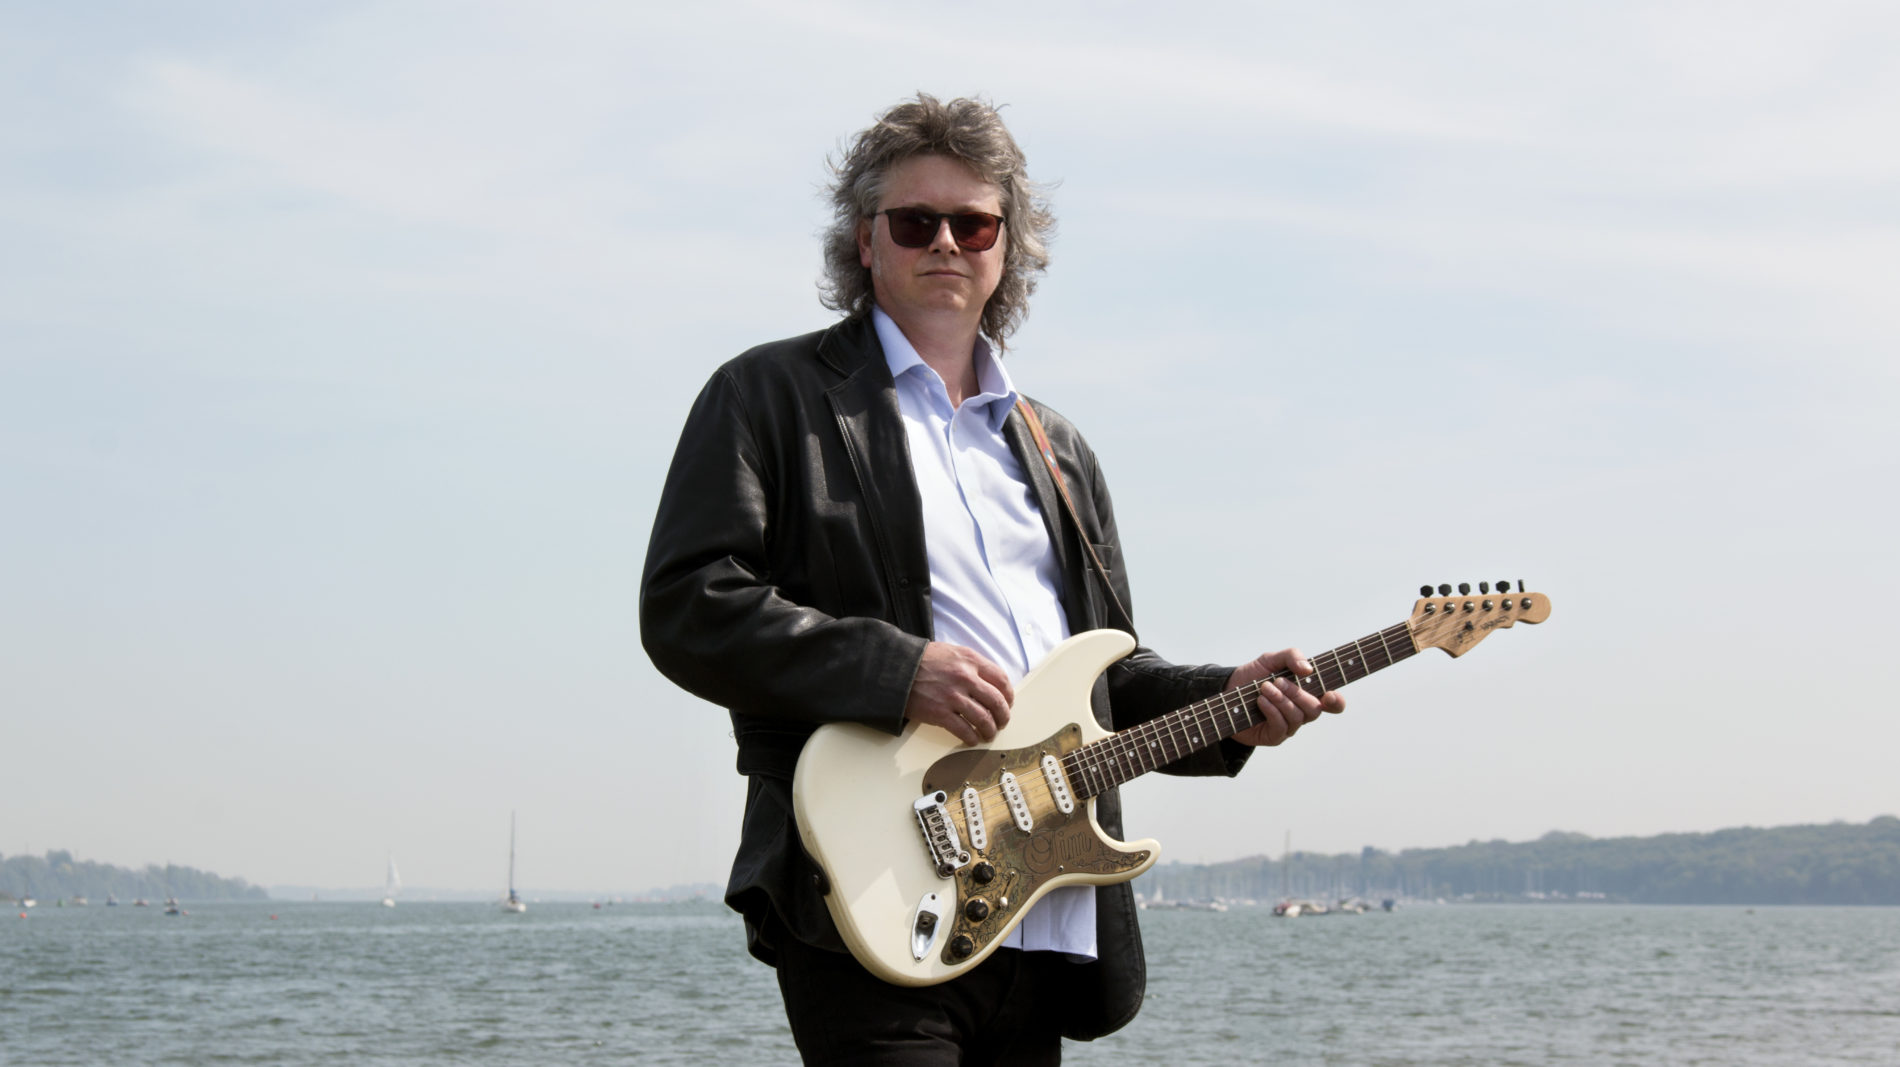 Guitarist photo